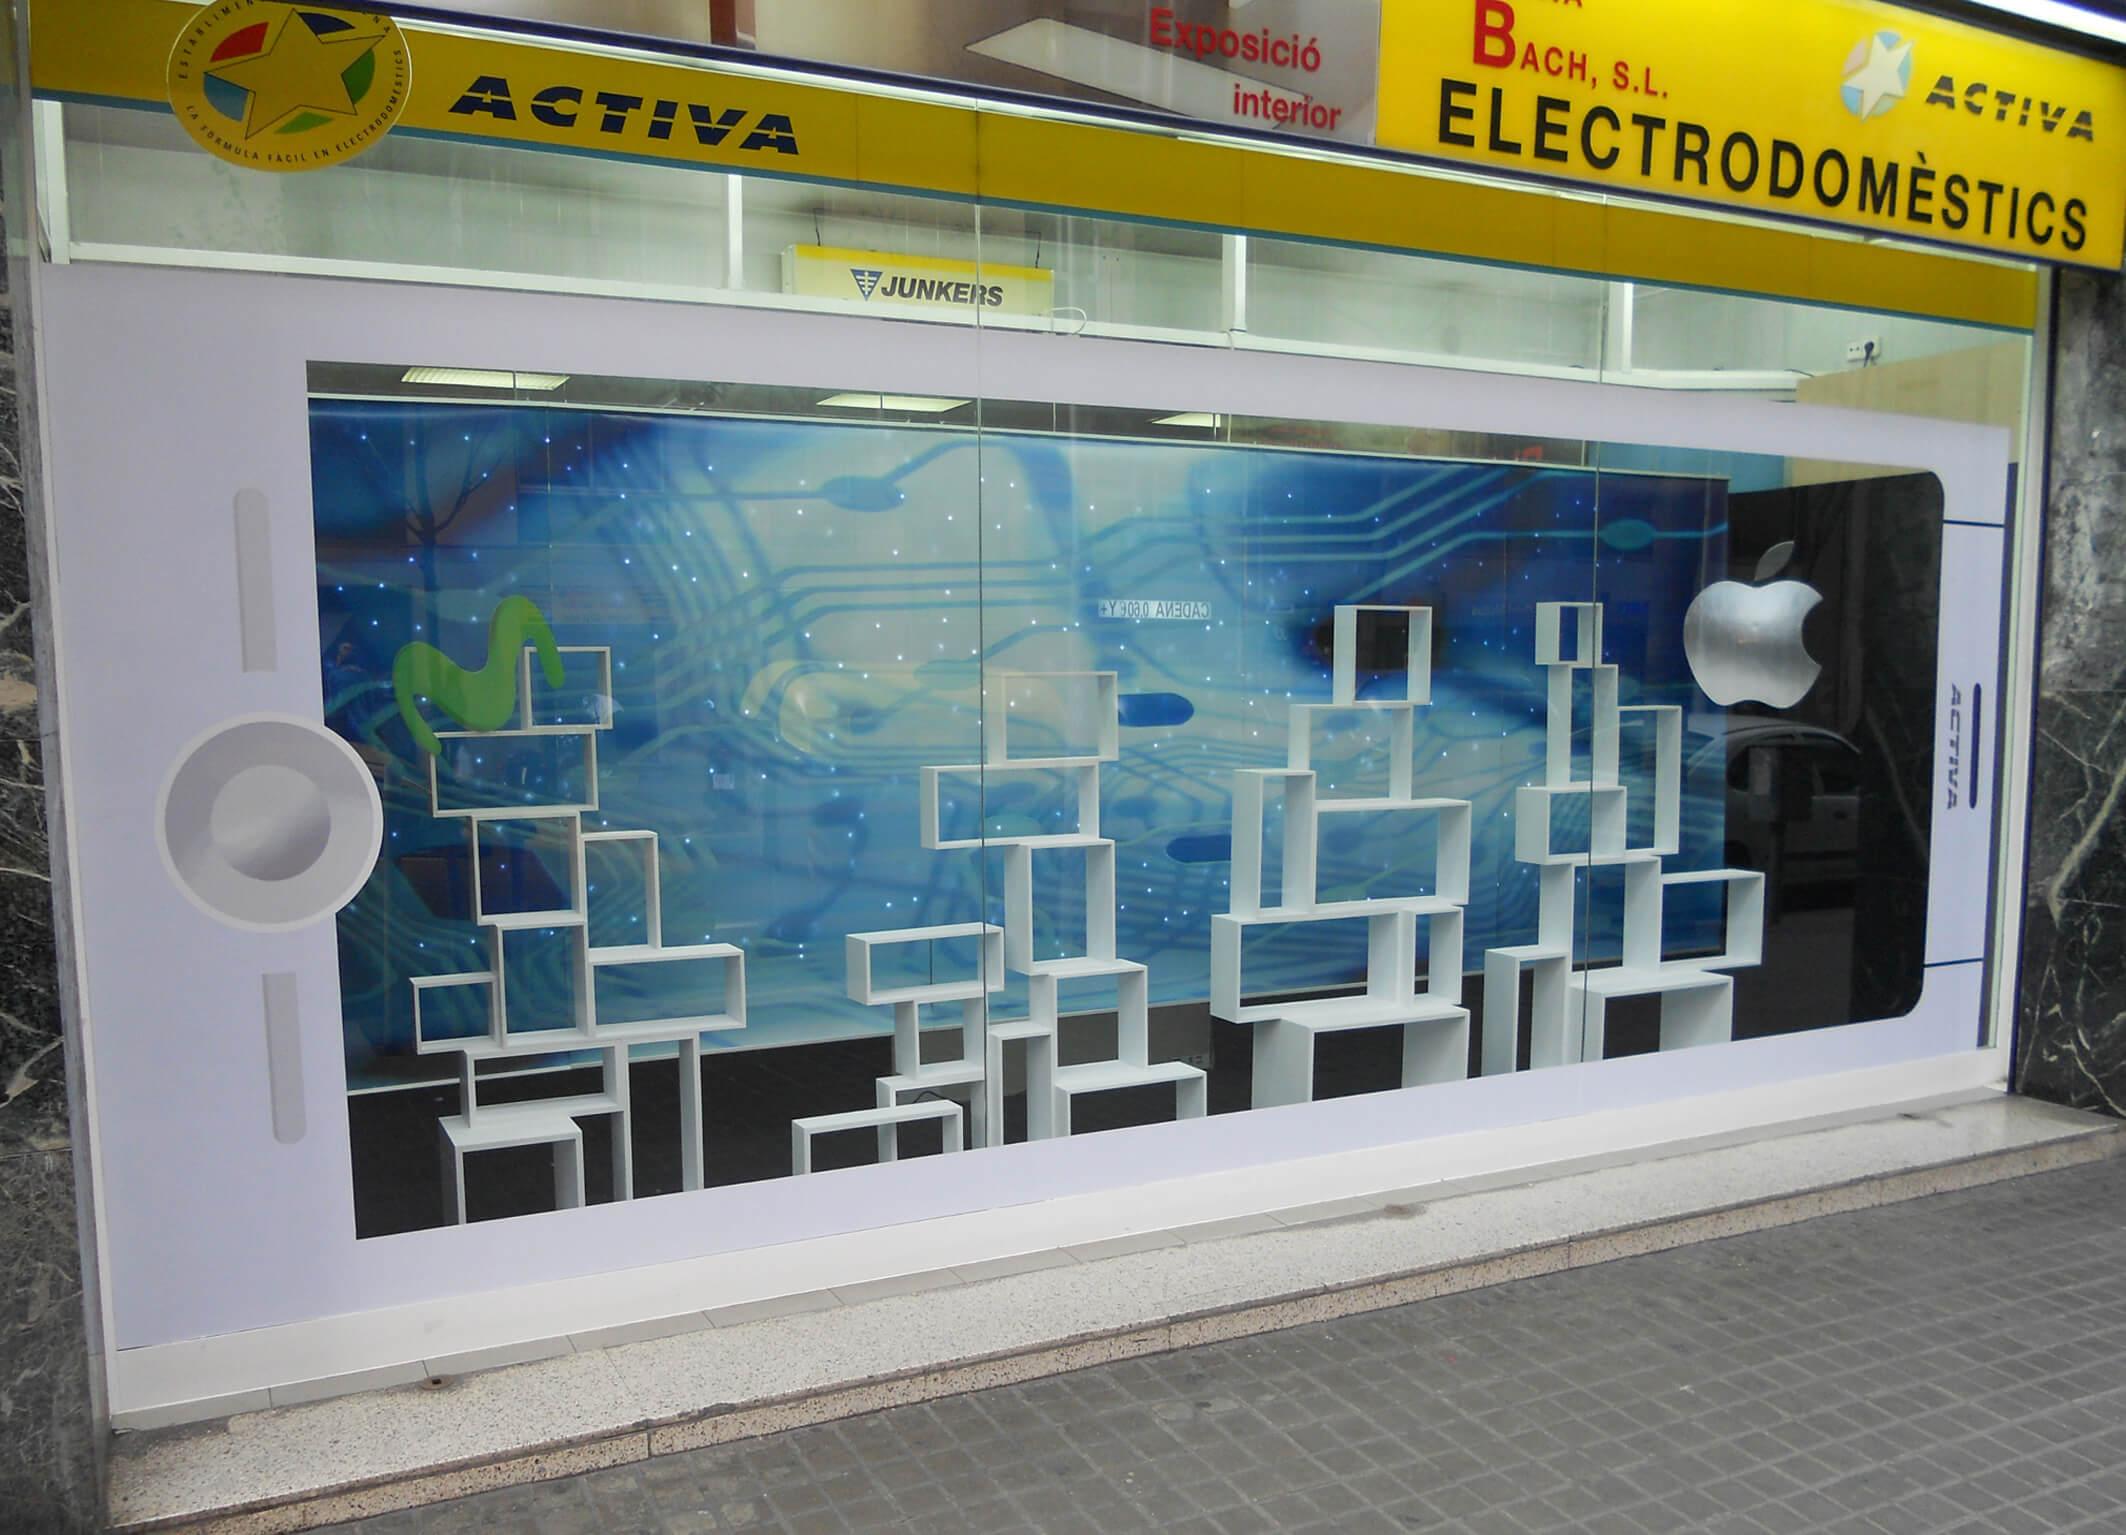 EL RAYAZO Electrodomesticos en Pontevedra - Outlet en Carretera